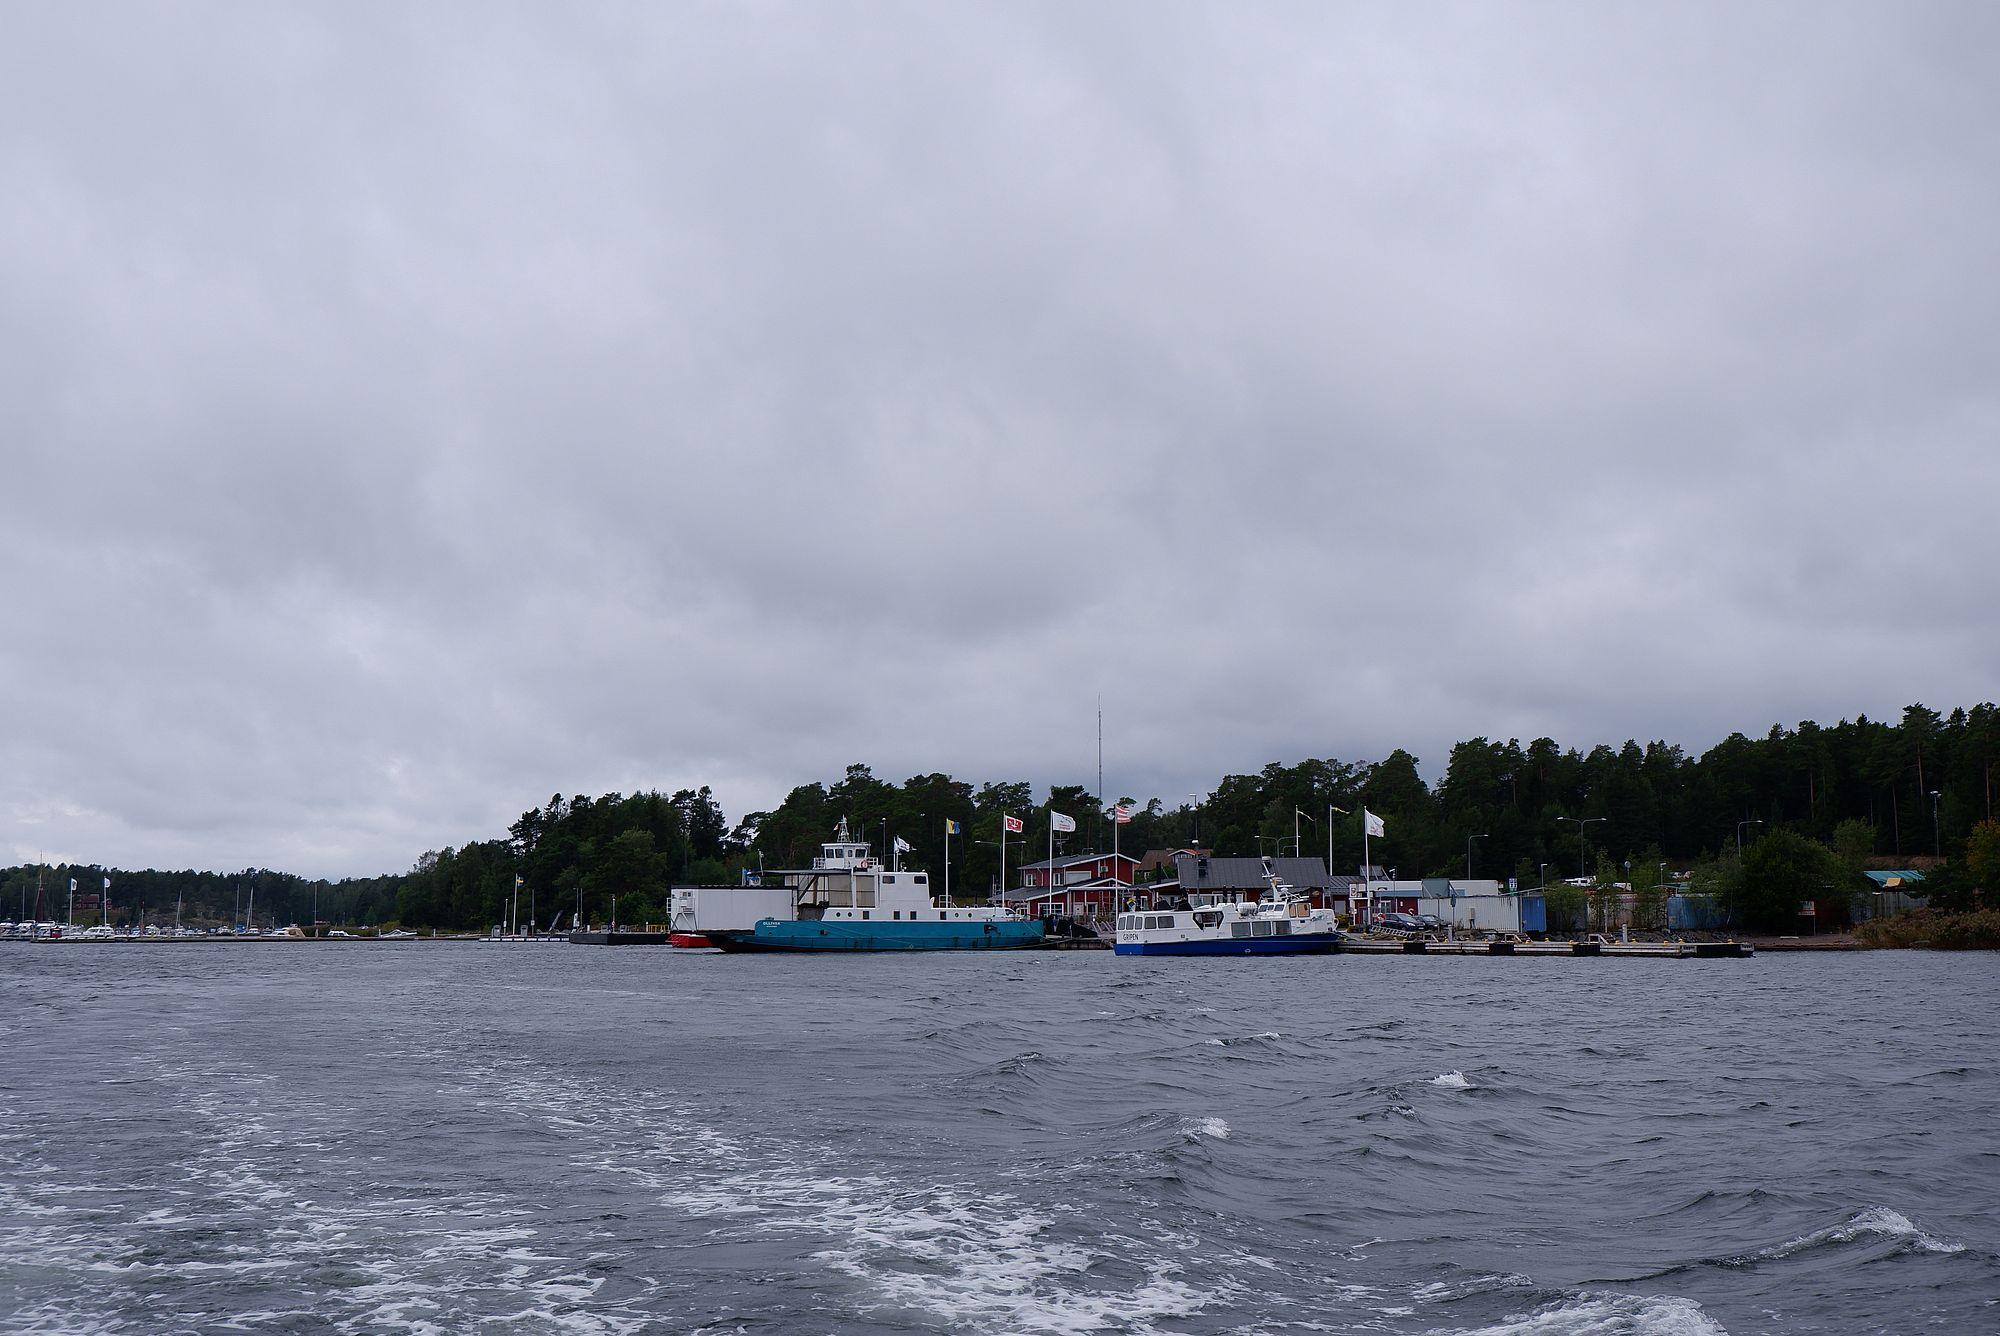 Le port de Stavnäs vu depuis l'eau